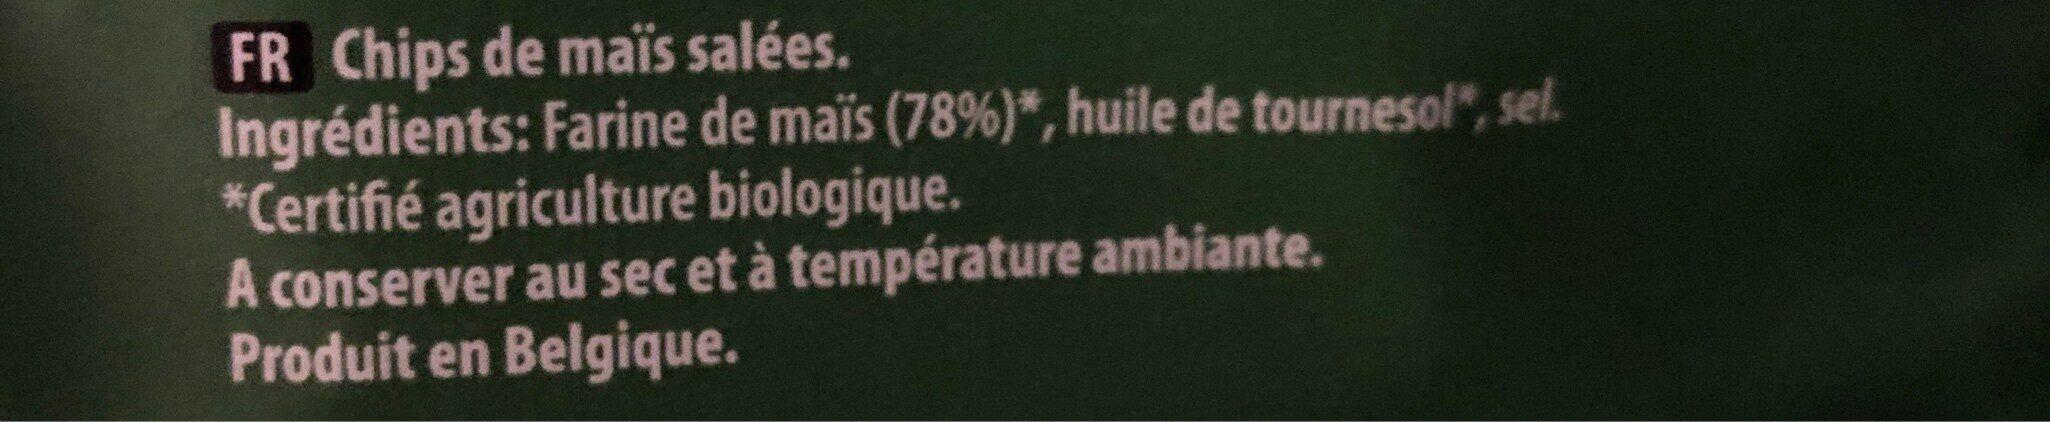 Tortilla Chpis - salted - Ingrédients - fr